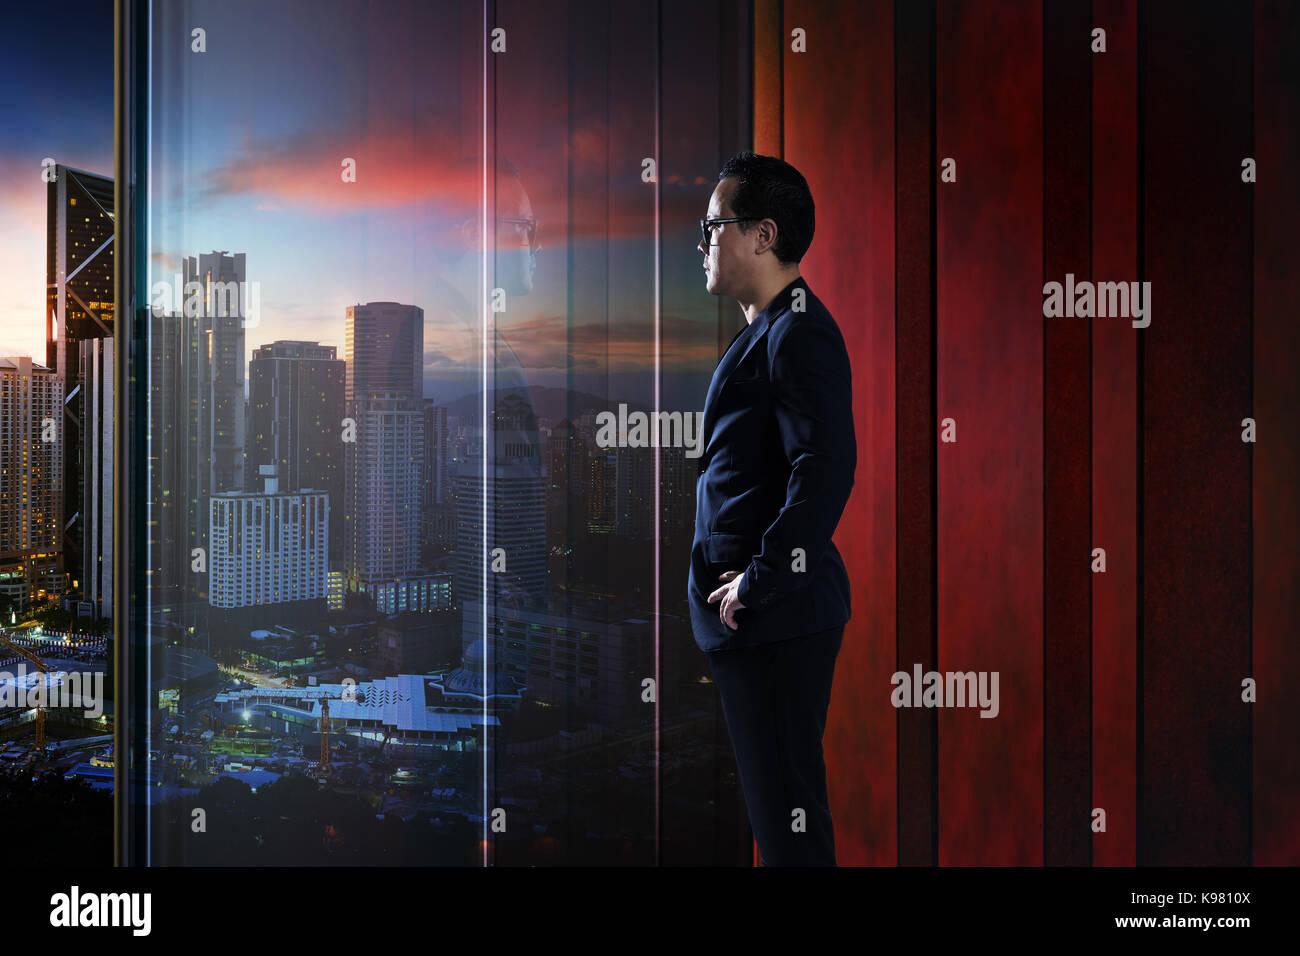 Junge Unternehmer aus, die die Stadt im Büro. Abend Szene. . Stockbild